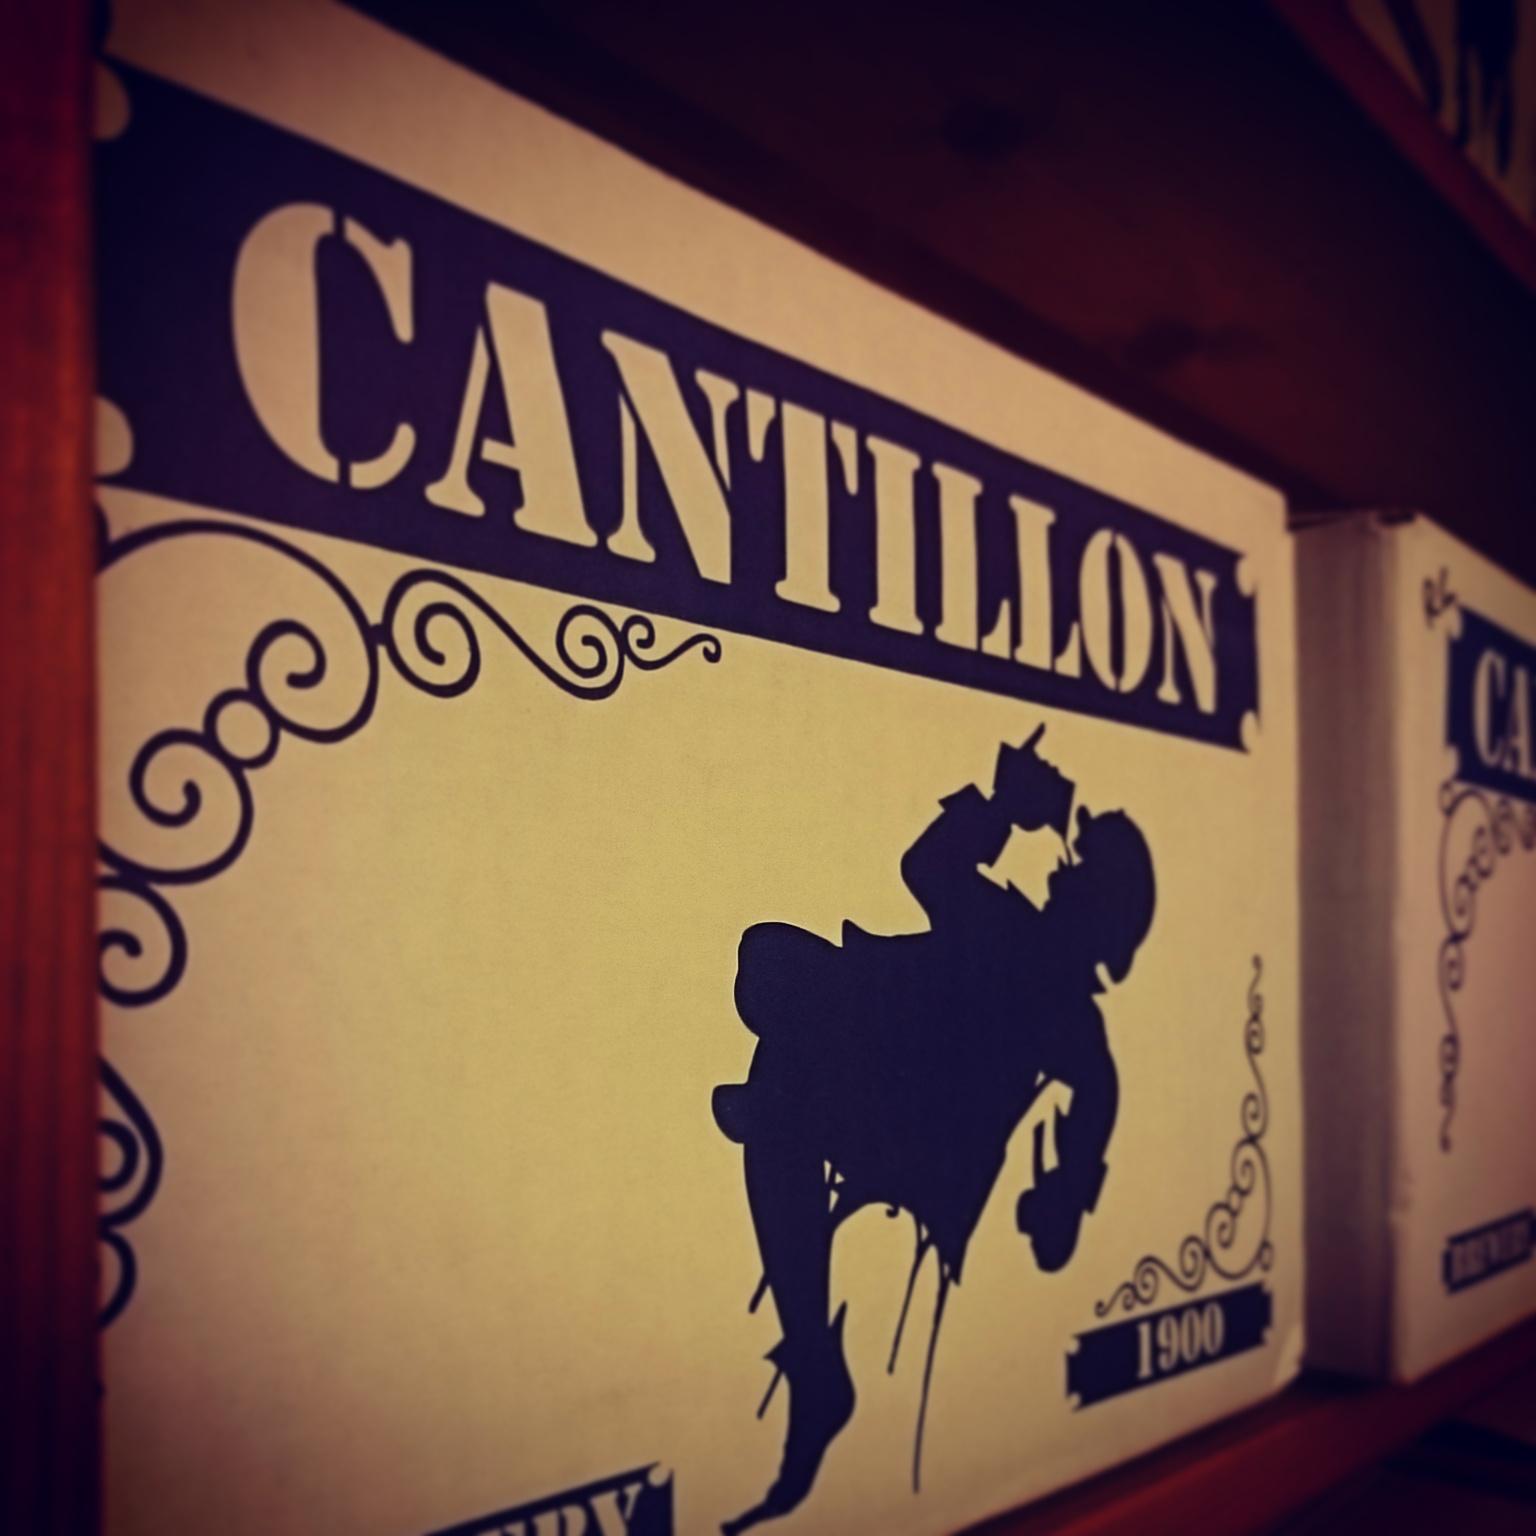 Cantillon Logo.jpg